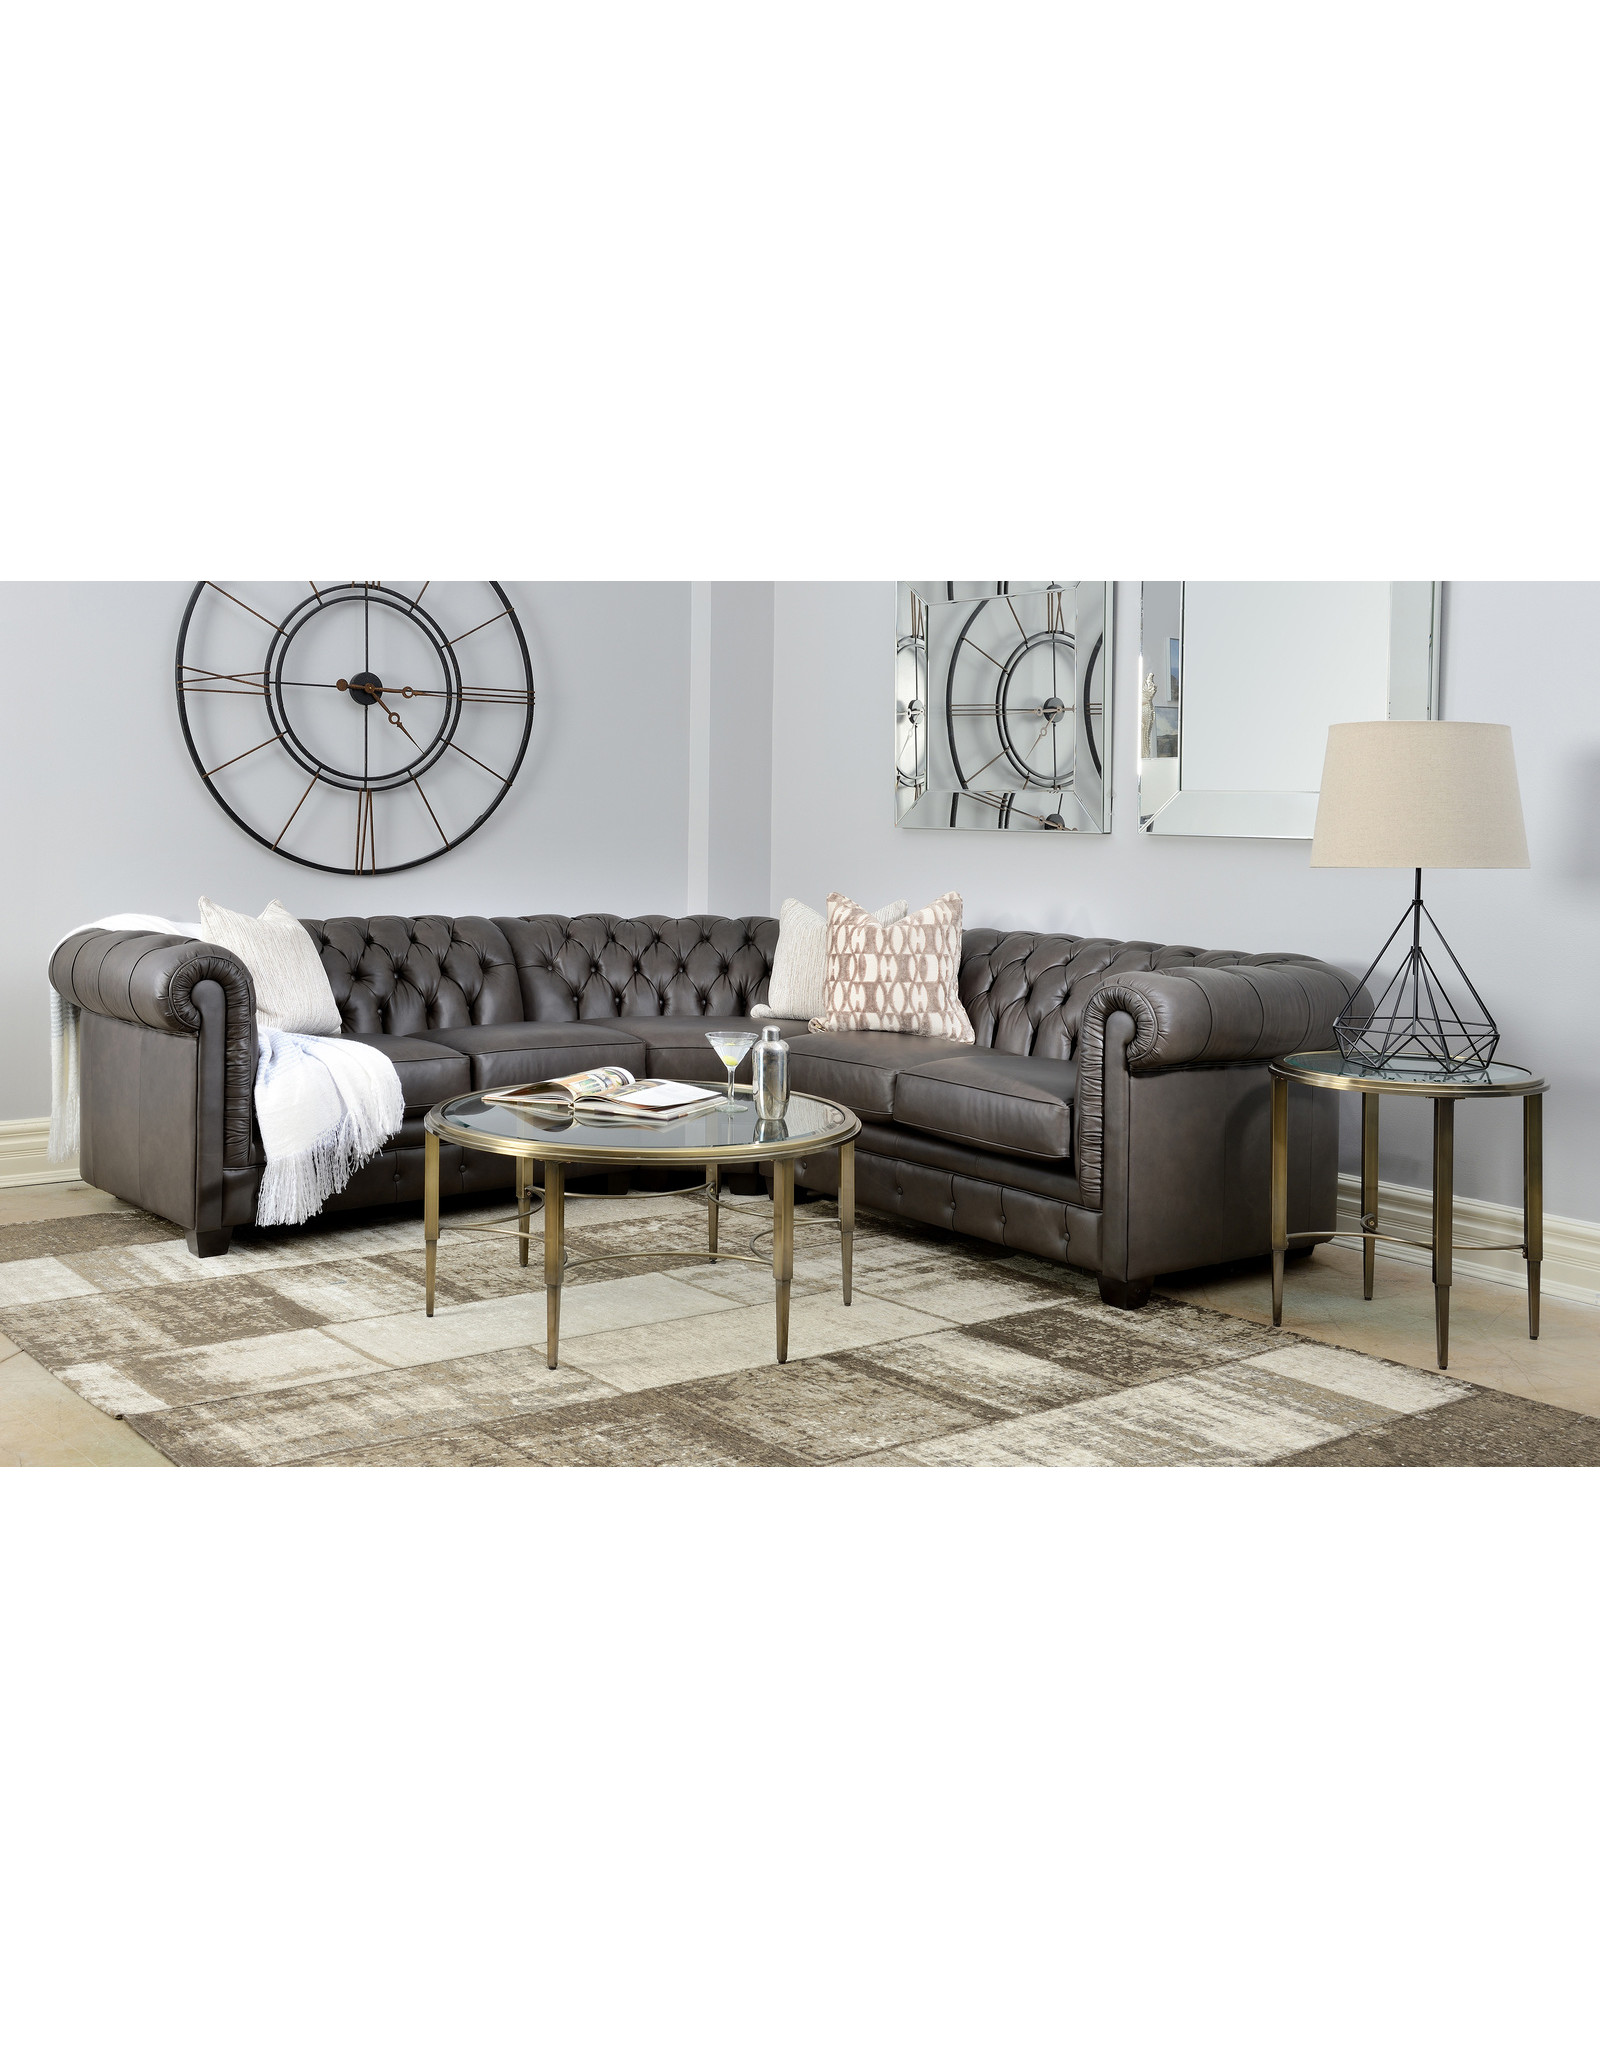 TCE 3230 Sofa